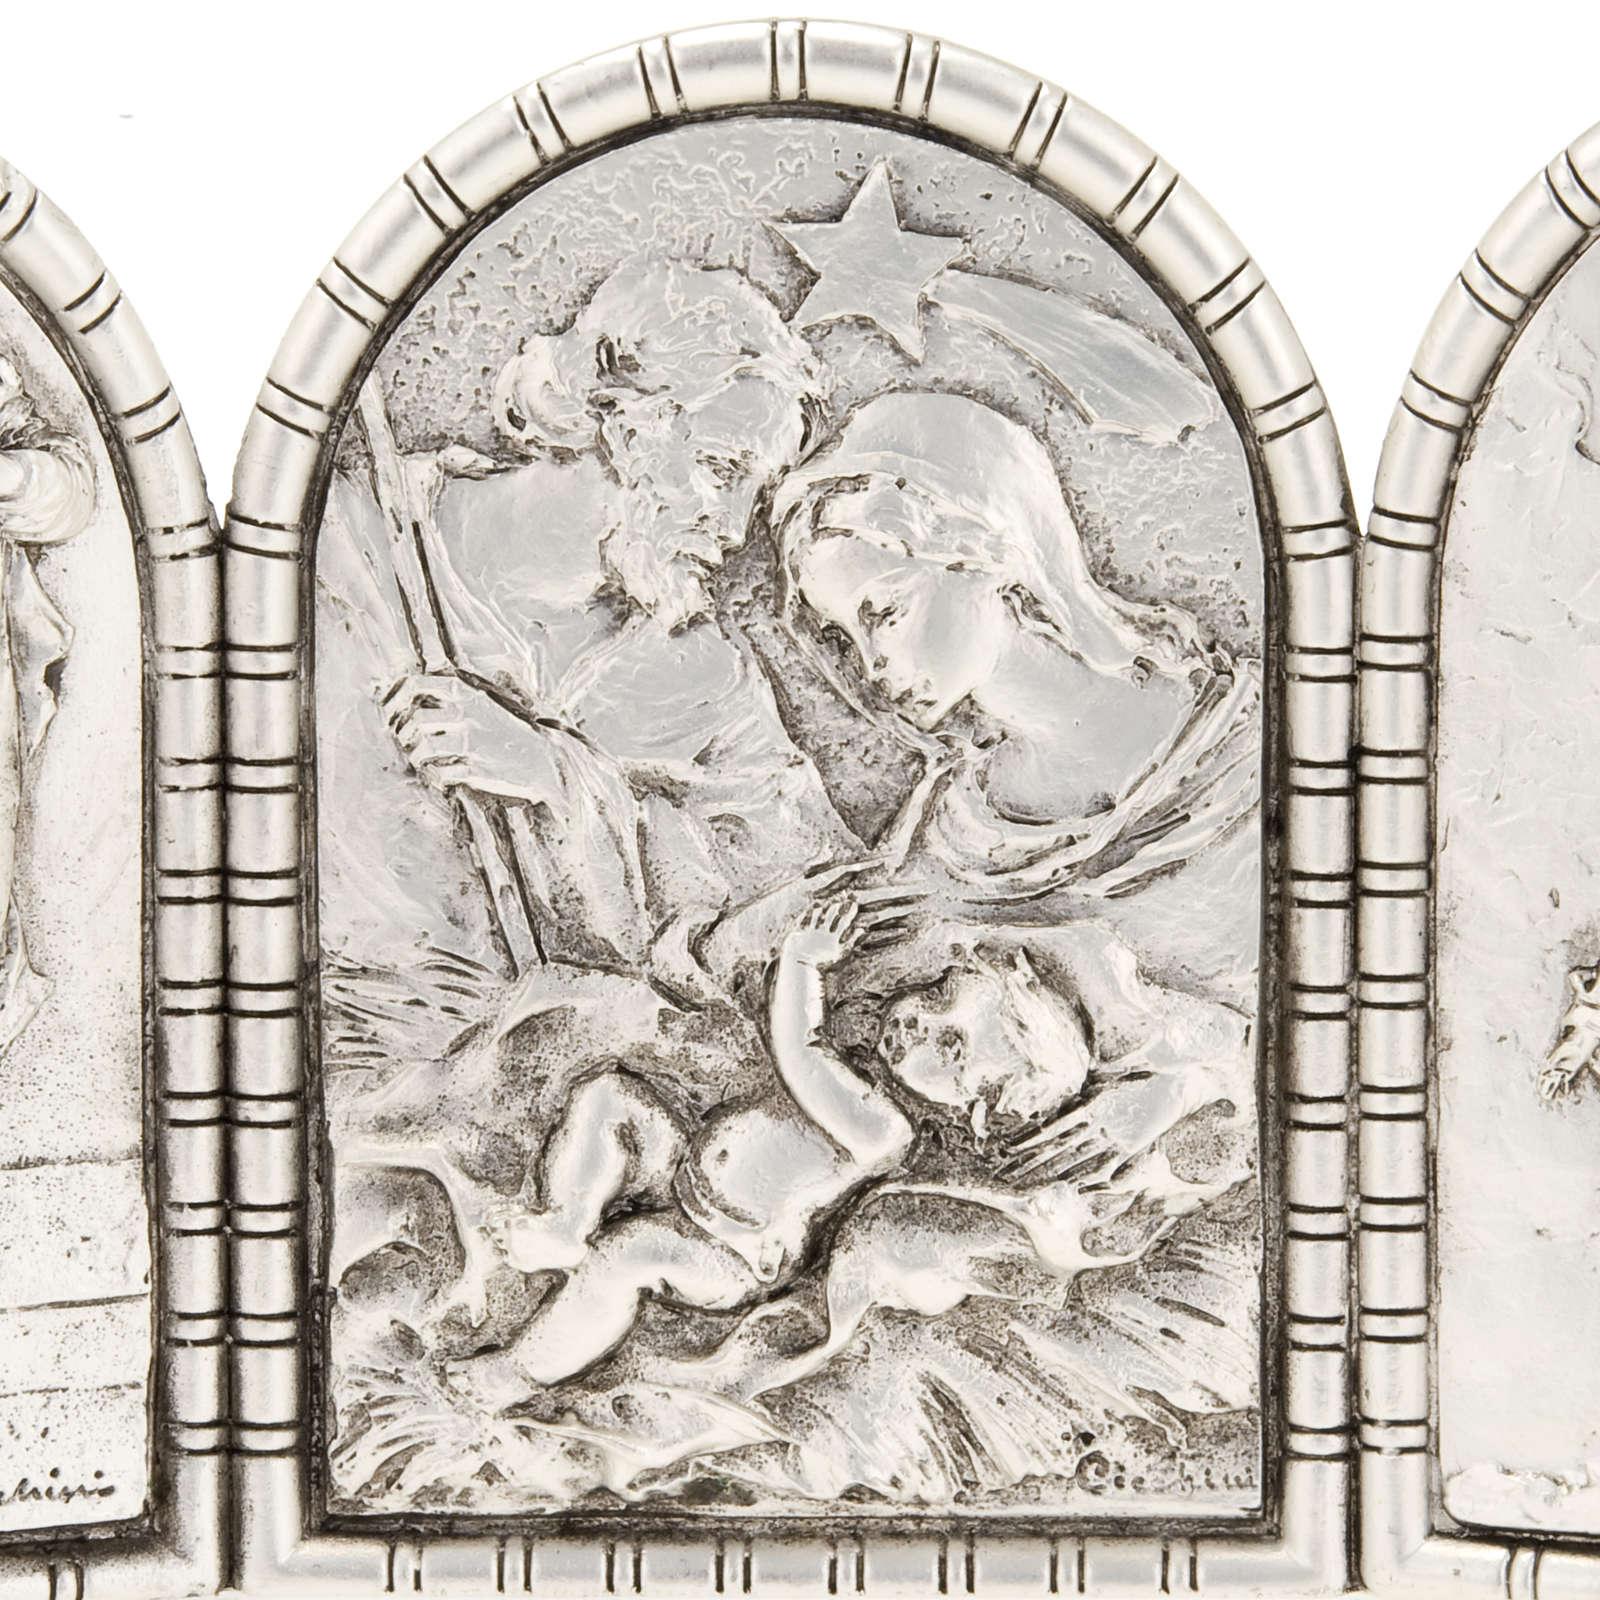 Bassorilievo trittico S. Famiglia Crocifissione Annunciazione 4